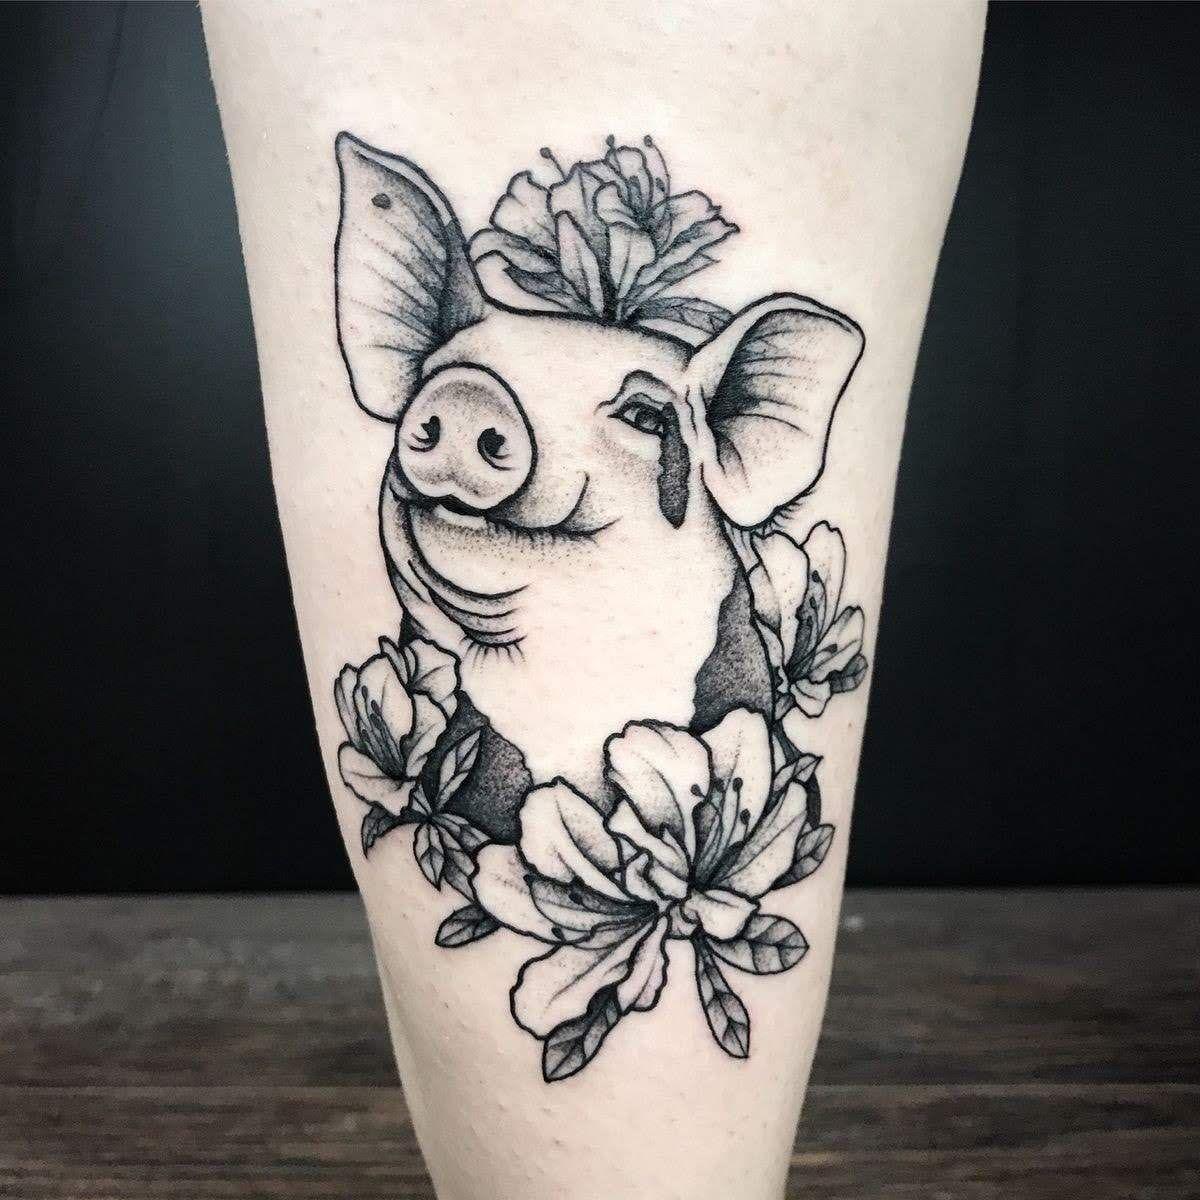 Pin de nugget en v e t Tatuaje de cerdo, Tatuajes de